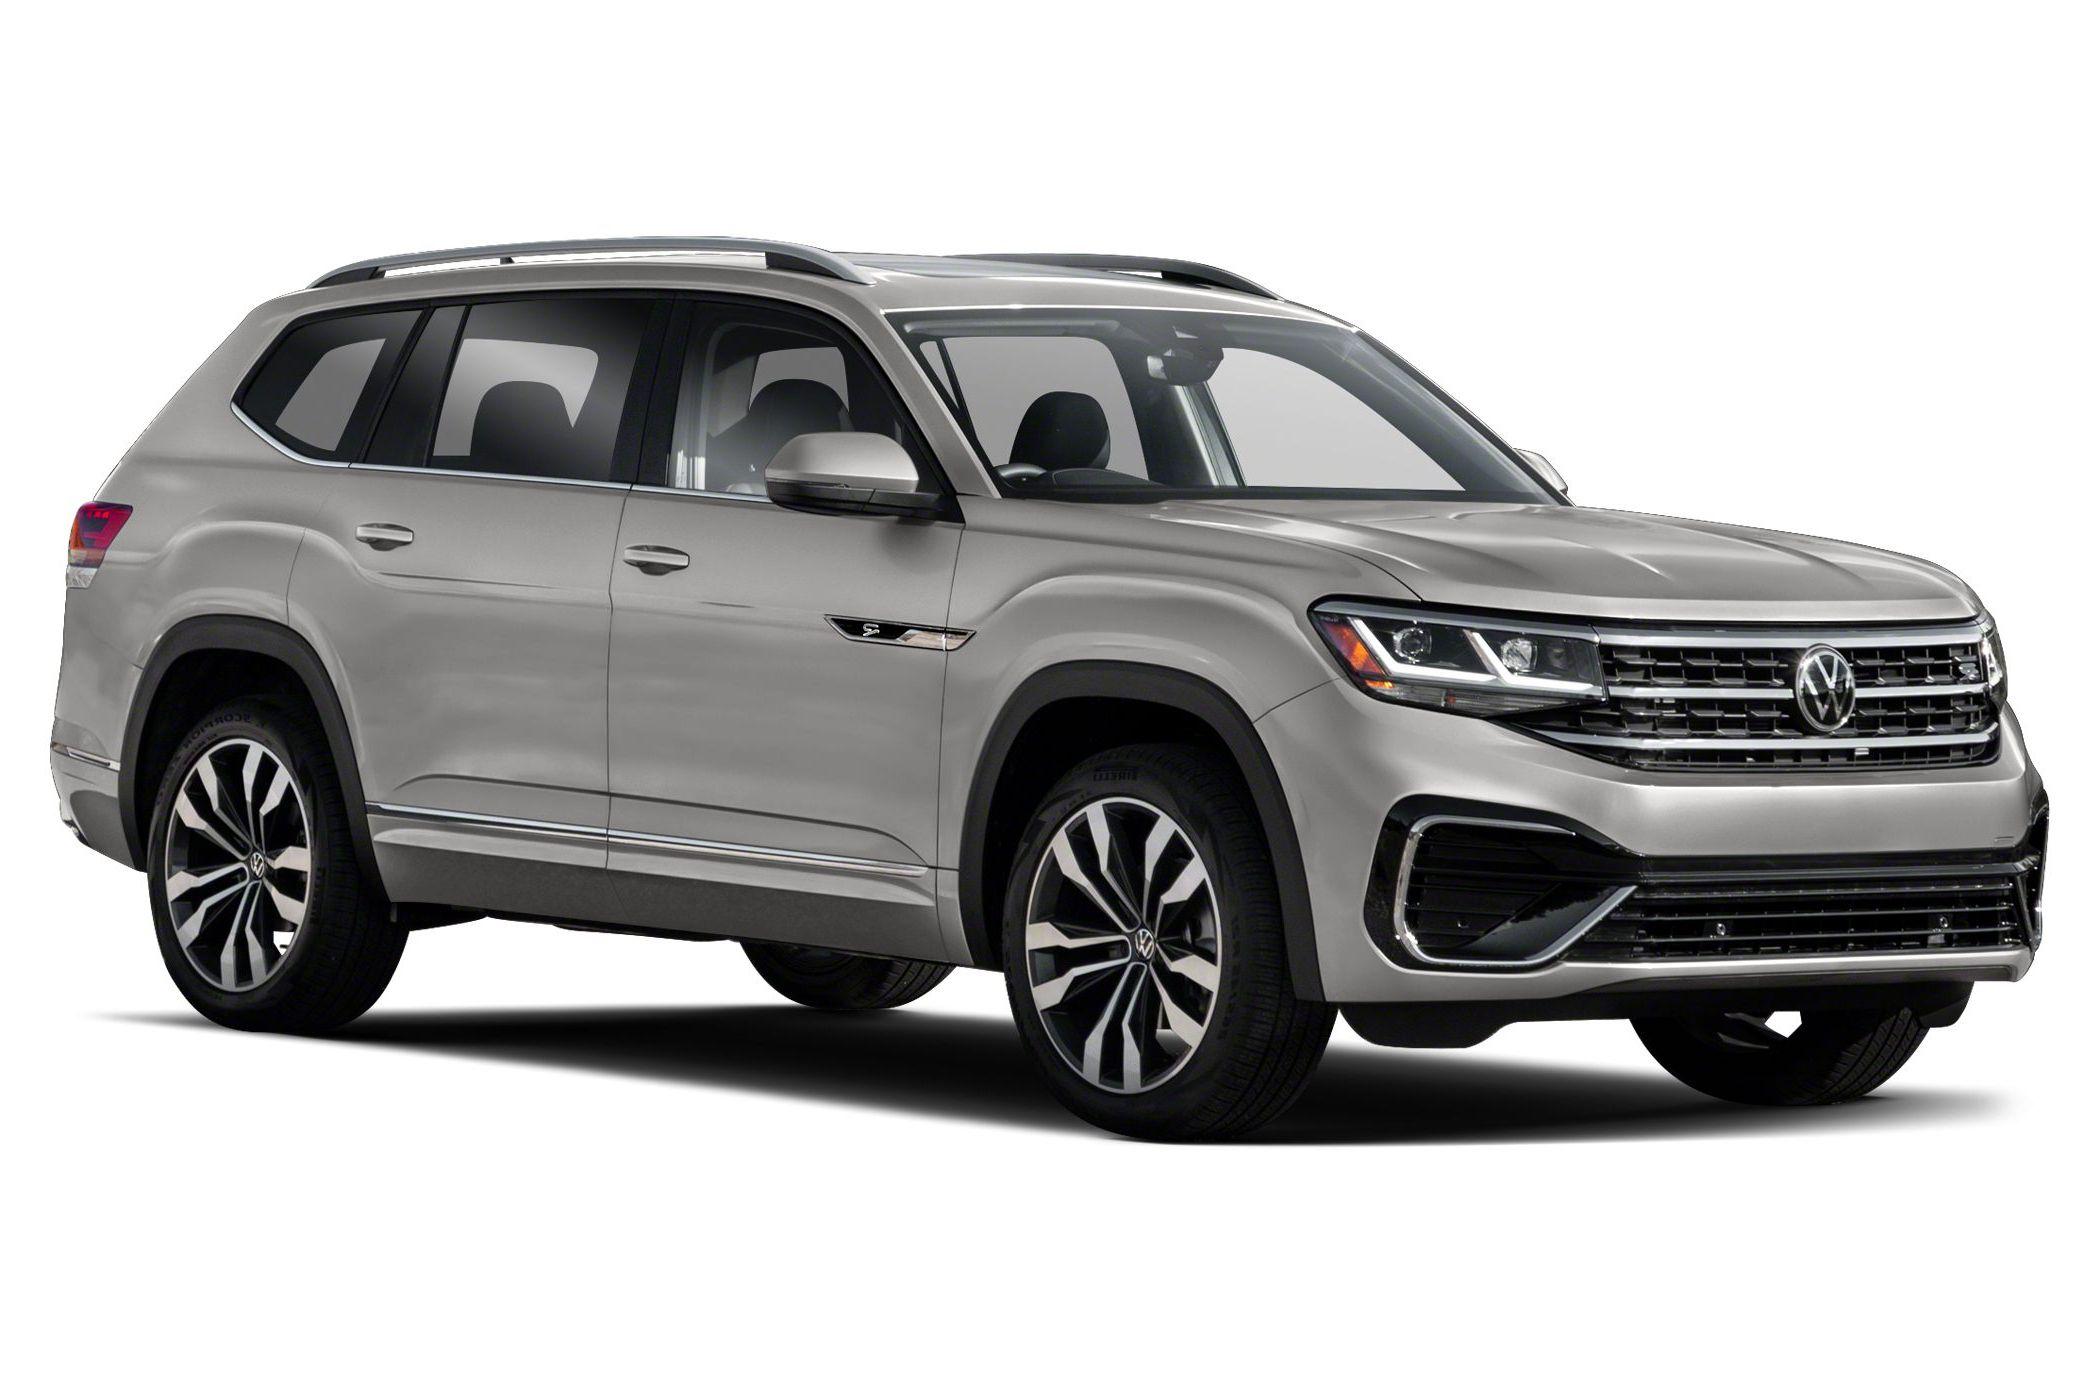 2021 Volkswagen Atlas 3 6l V6 Sel Release Date Specs Colors Models In 2020 Volkswagen Model Fuel Economy